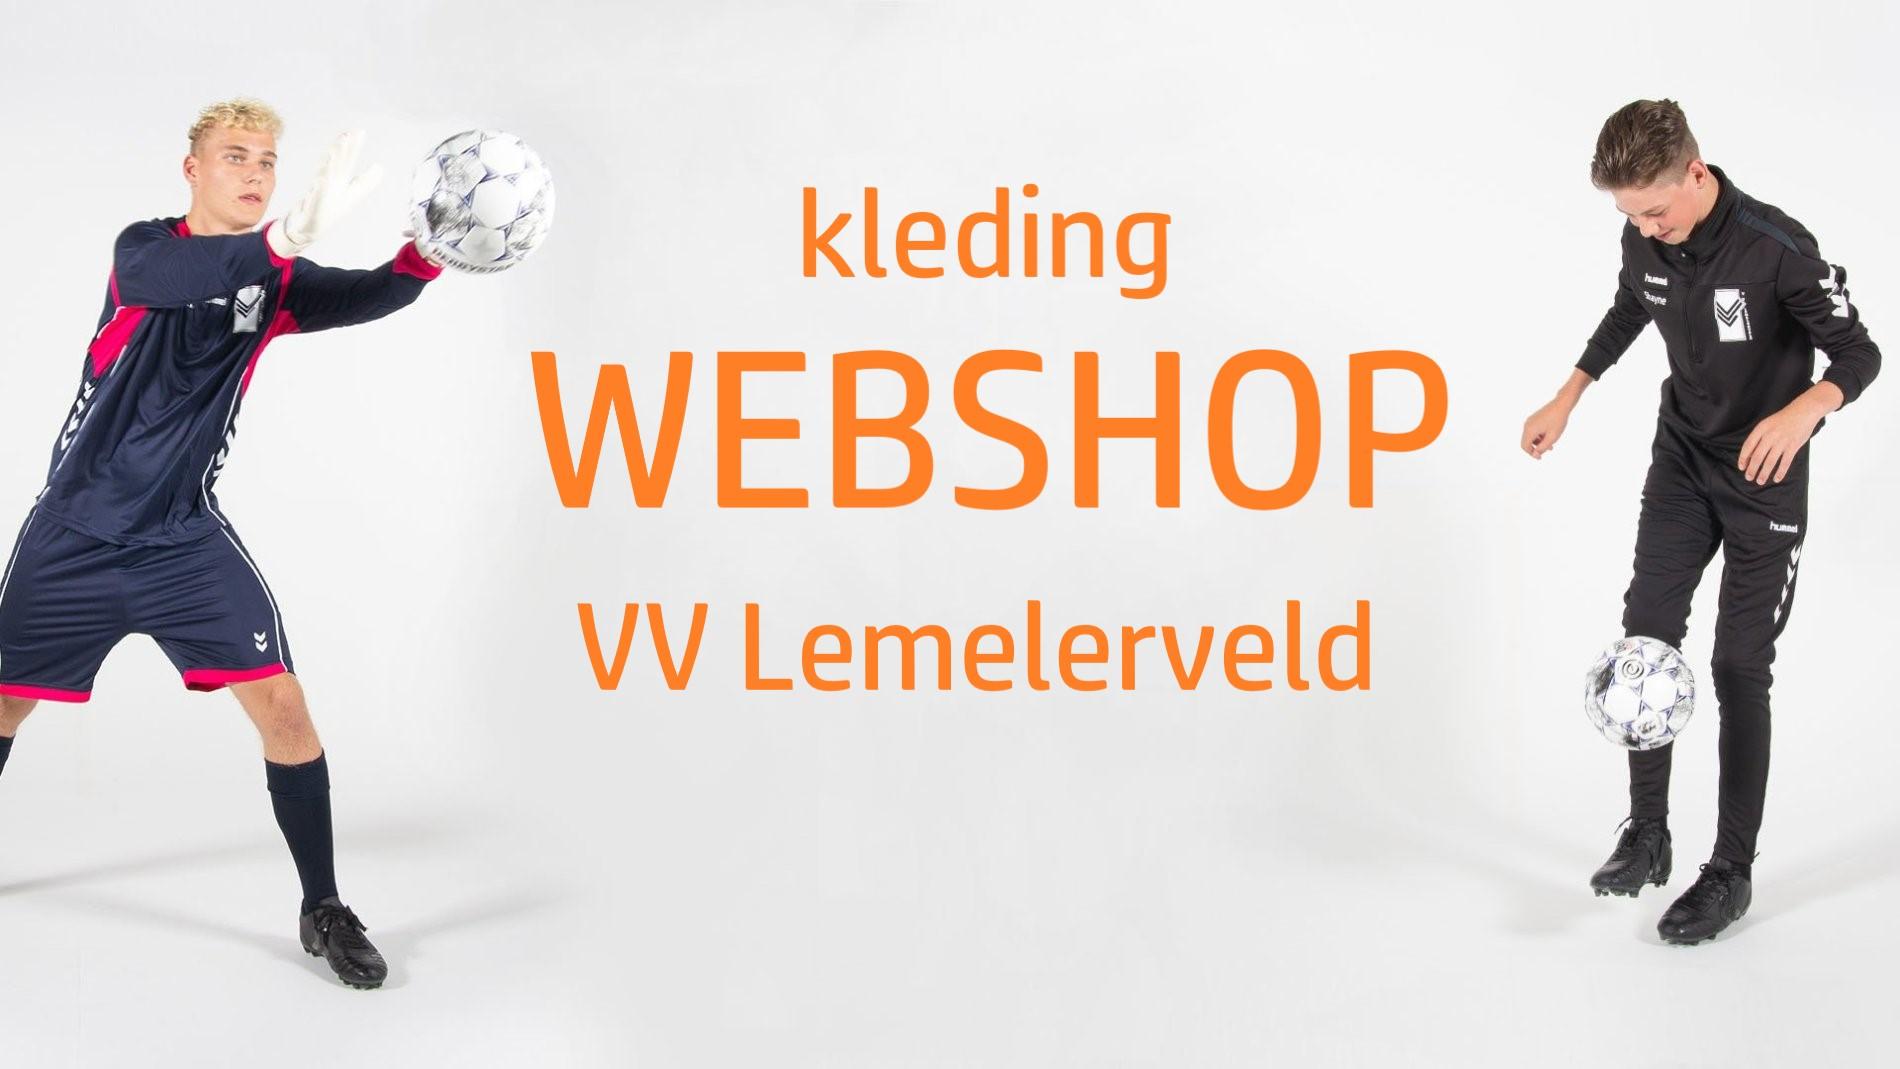 Teamkleding VV Lemelerveld